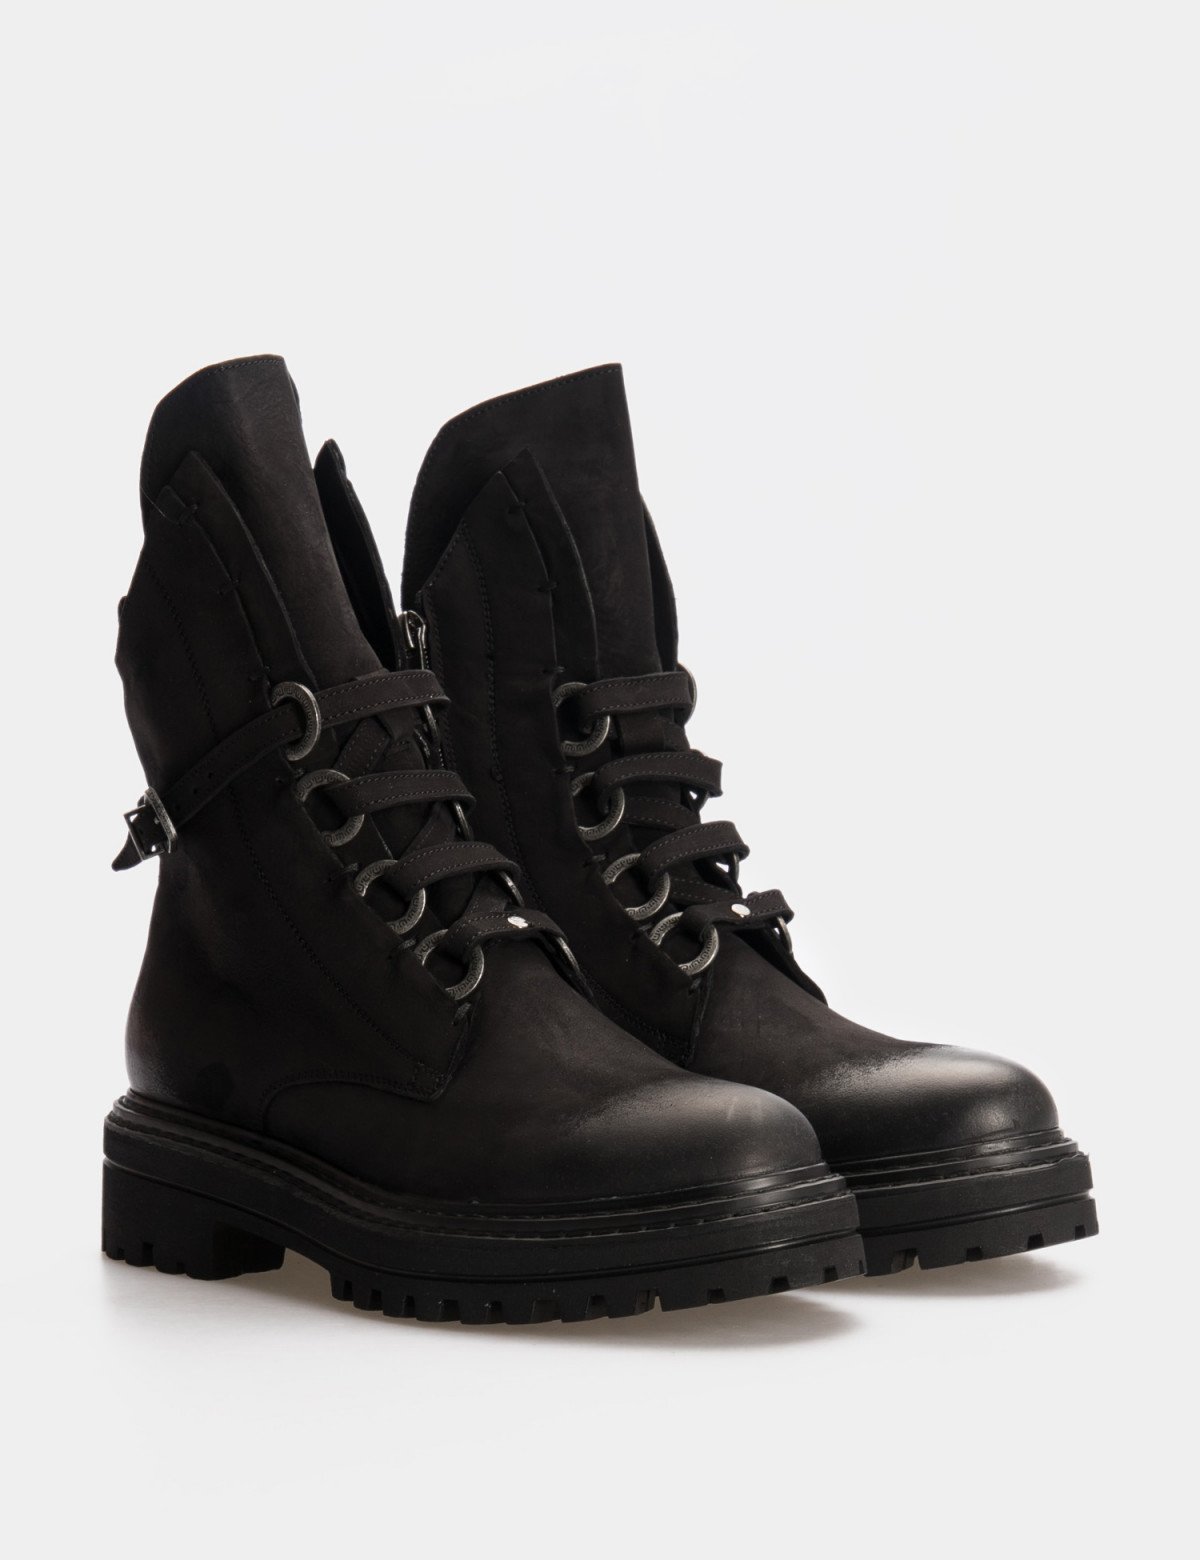 Ботинки черные. Натуральный нубук. Байка1